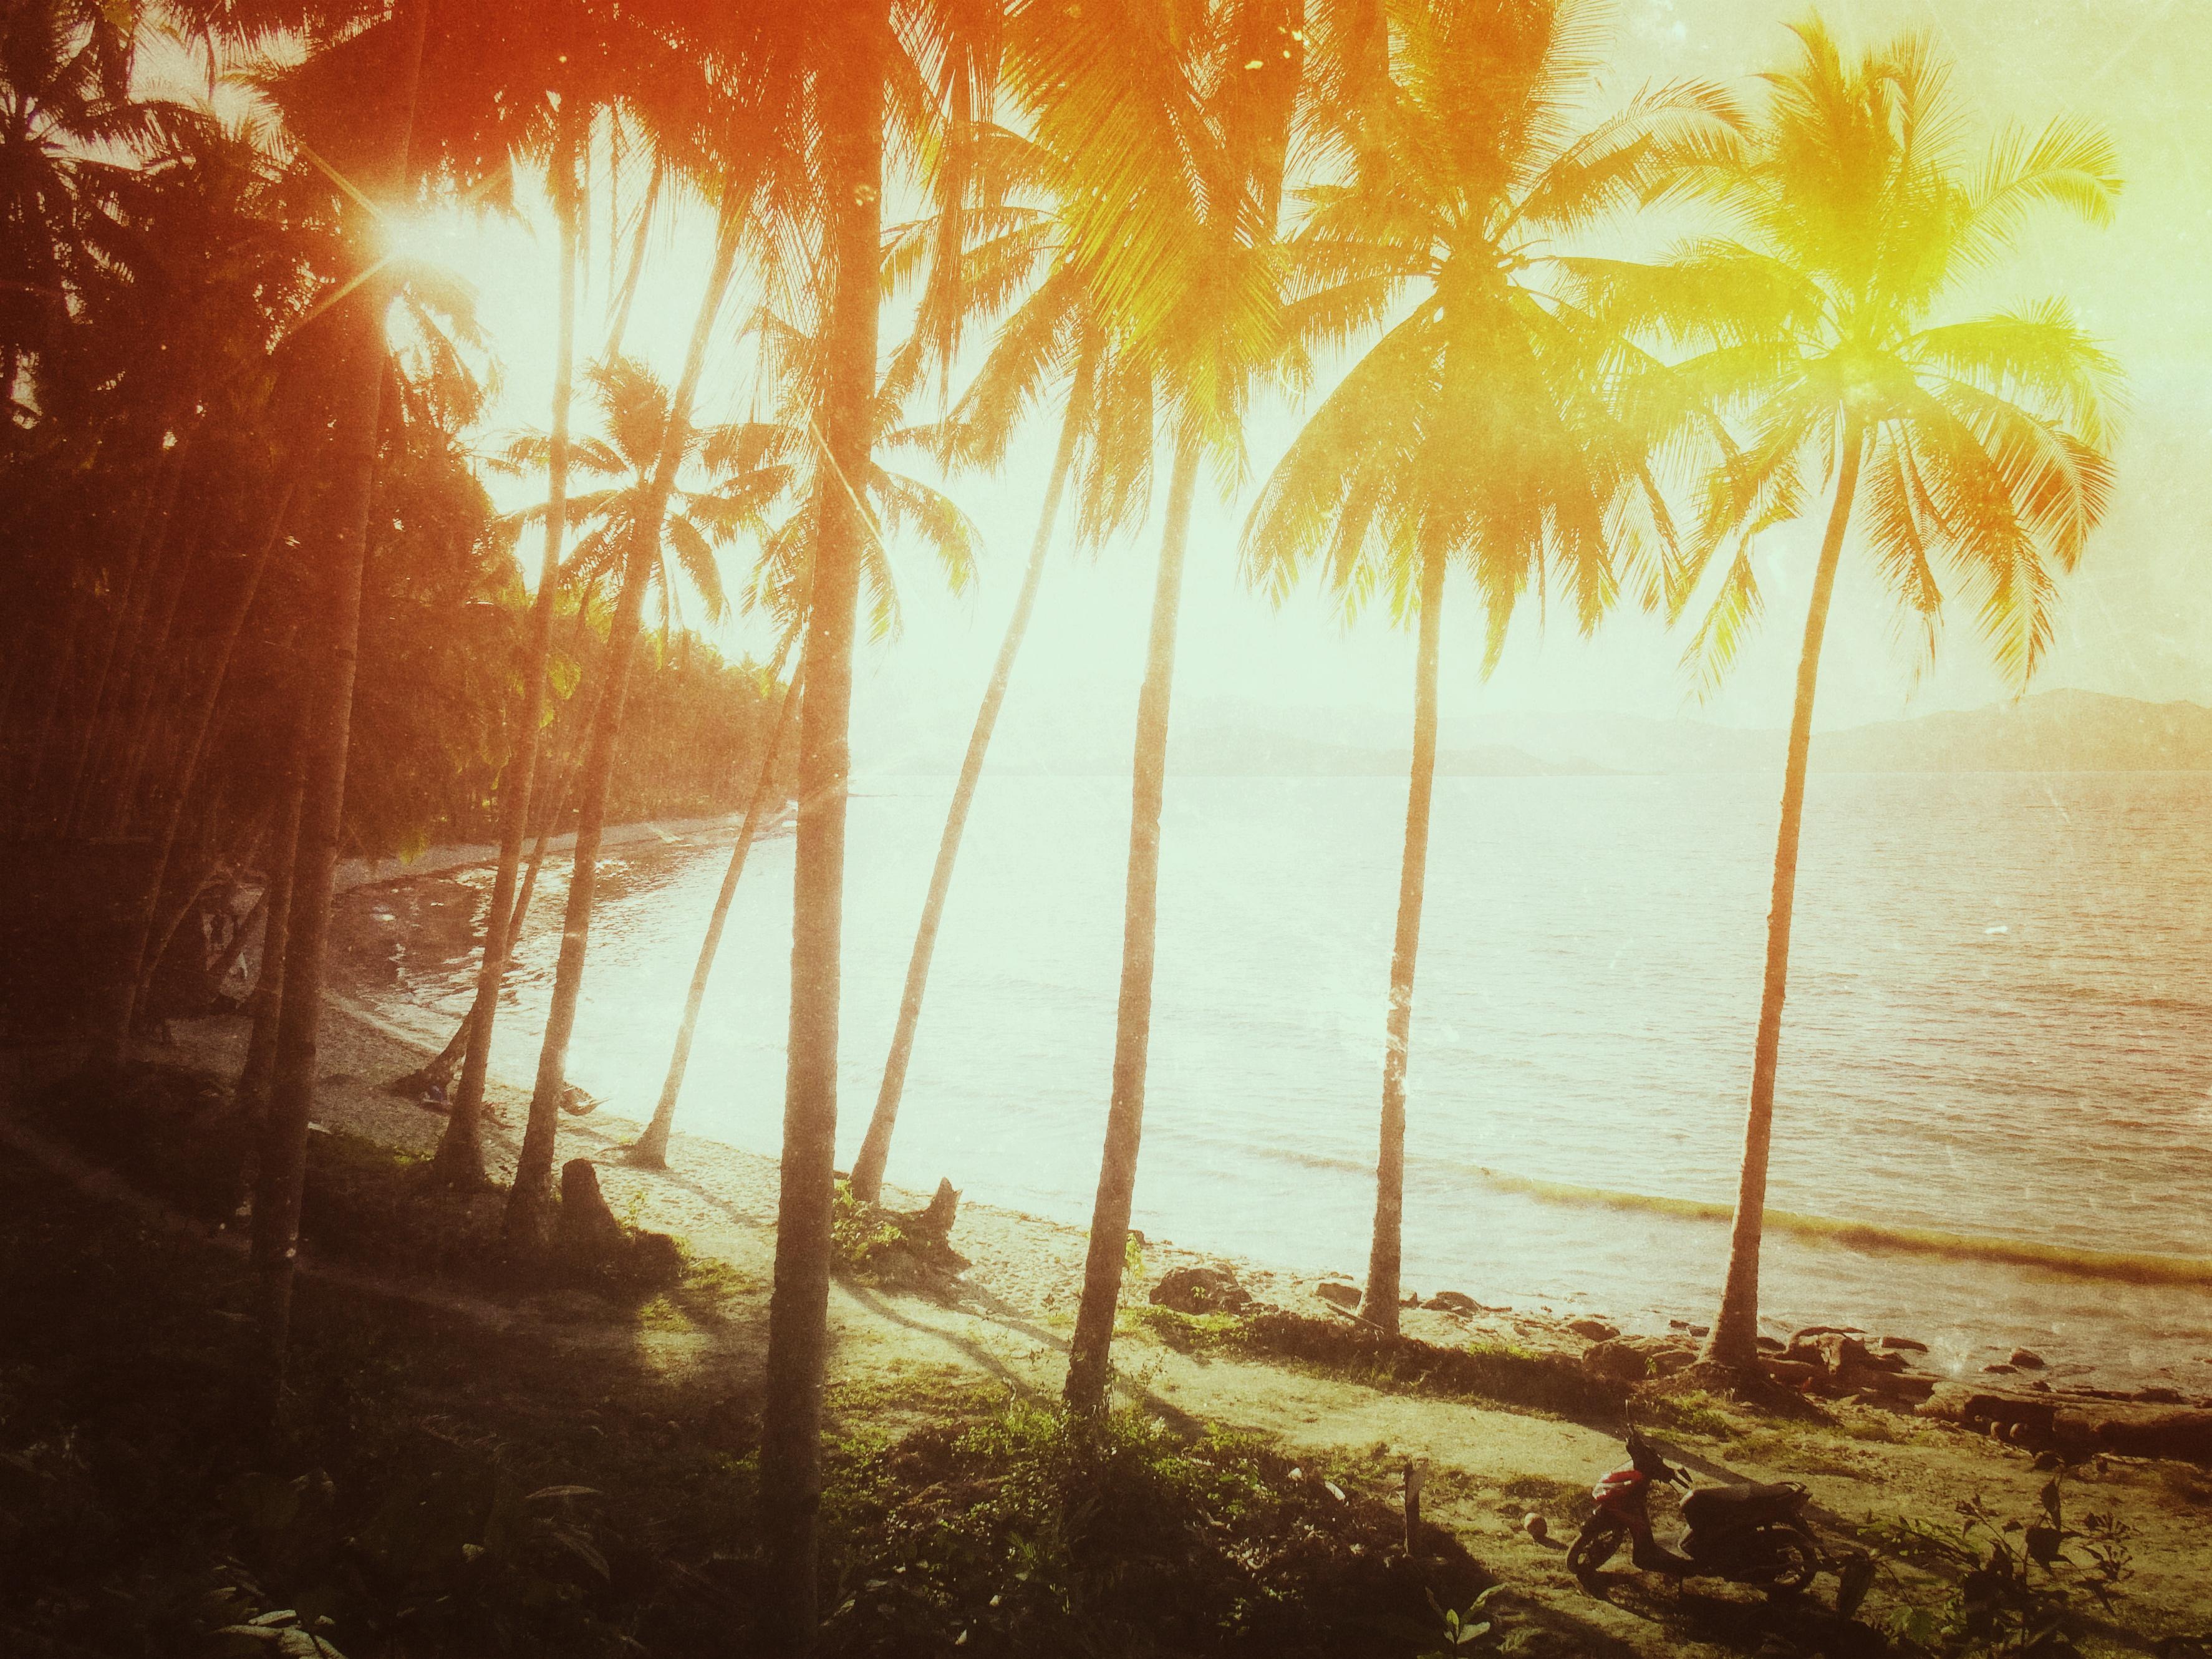 Paradisiac Coconut Beach near Port Barton, Palawan, Philippines